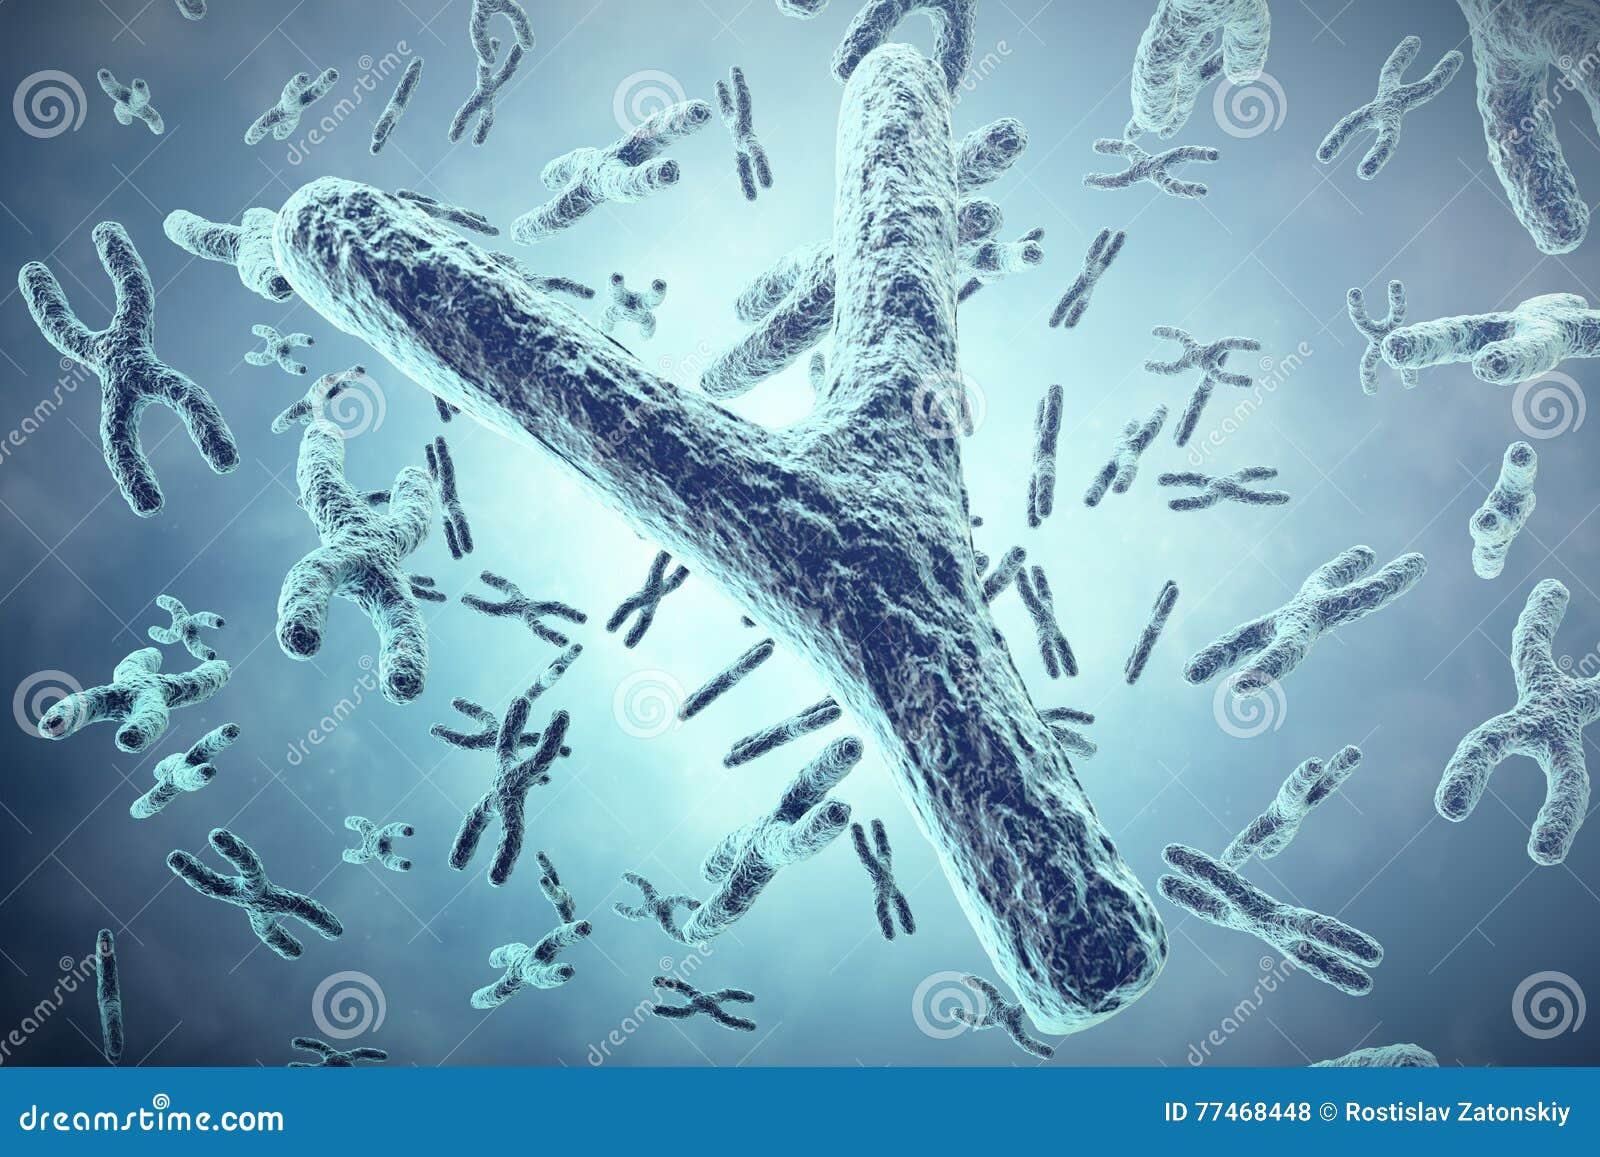 Y-kromosom i förgrunden, ett vetenskapligt begrepp illustration 3d